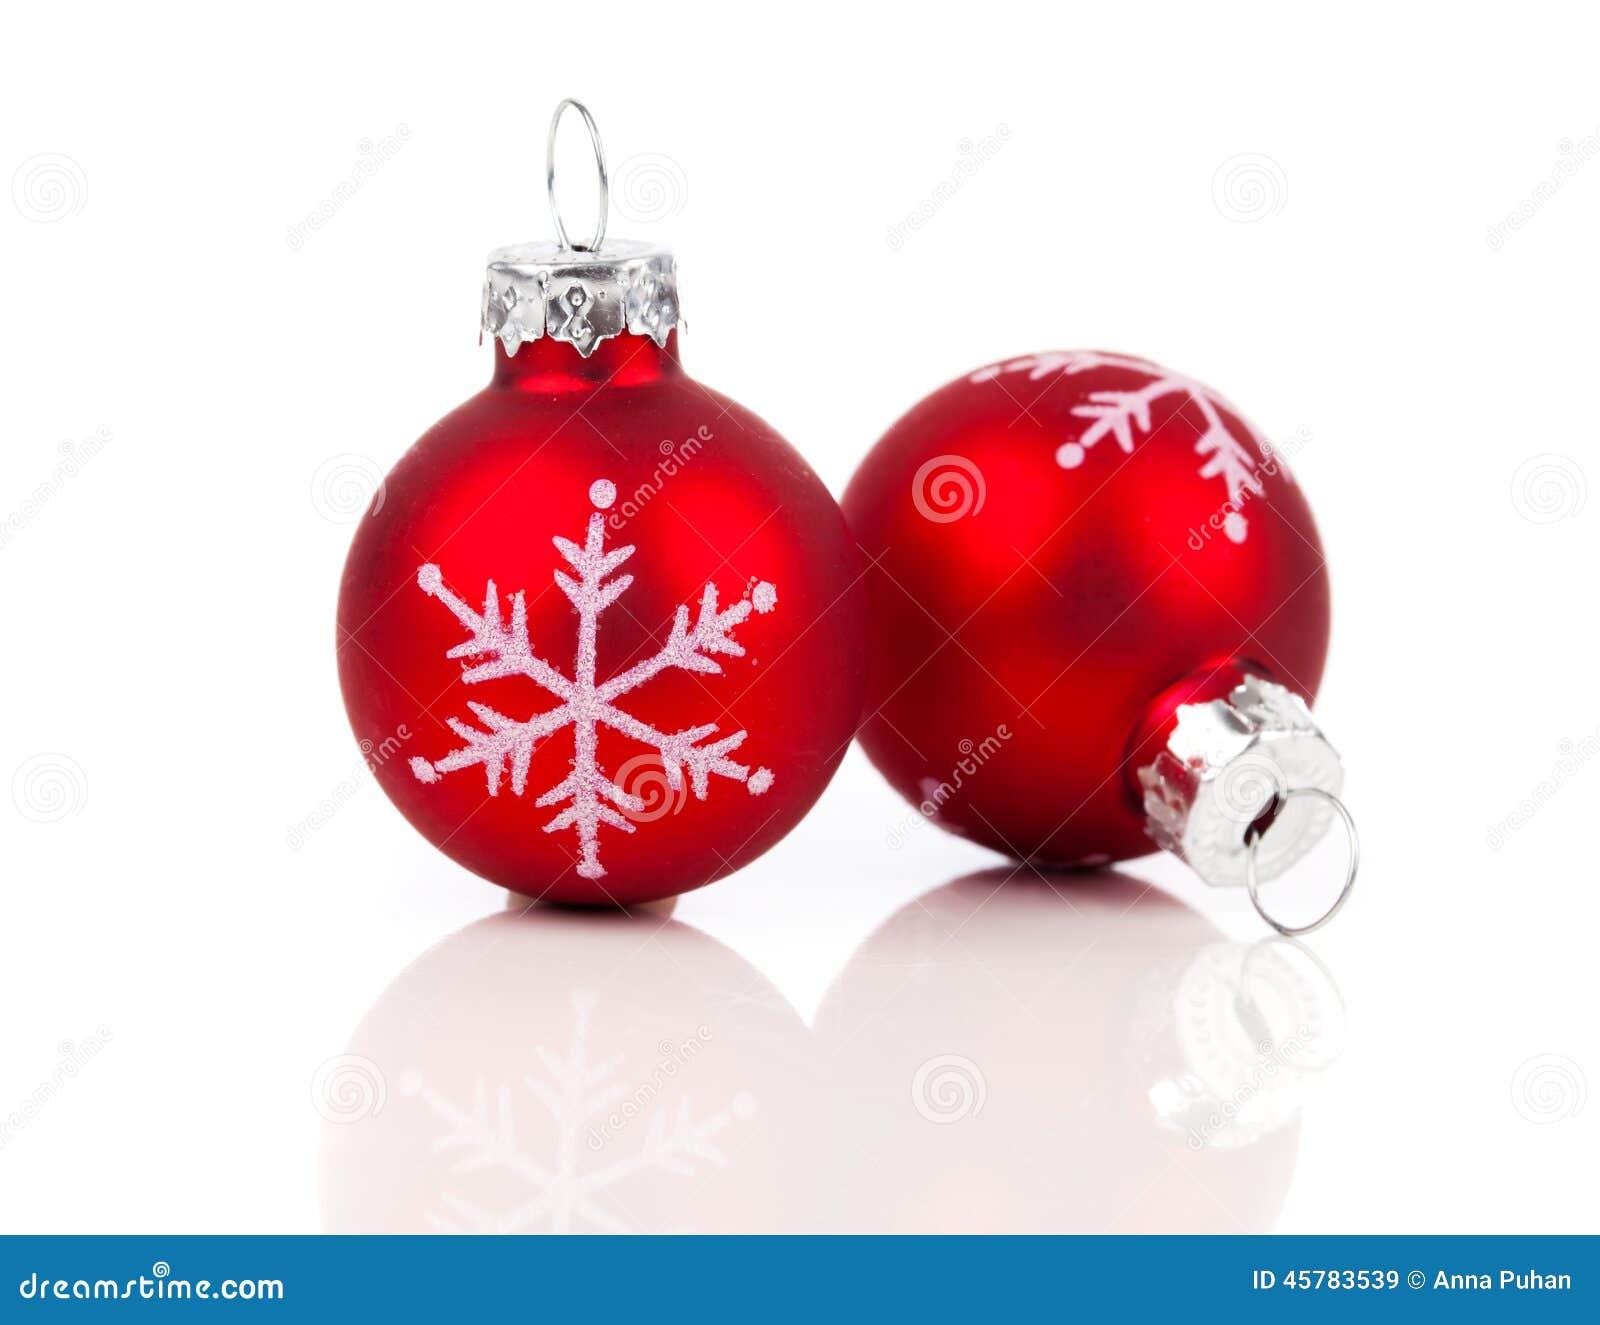 deux boules rouges de d coration de no l photo stock image 45783539. Black Bedroom Furniture Sets. Home Design Ideas